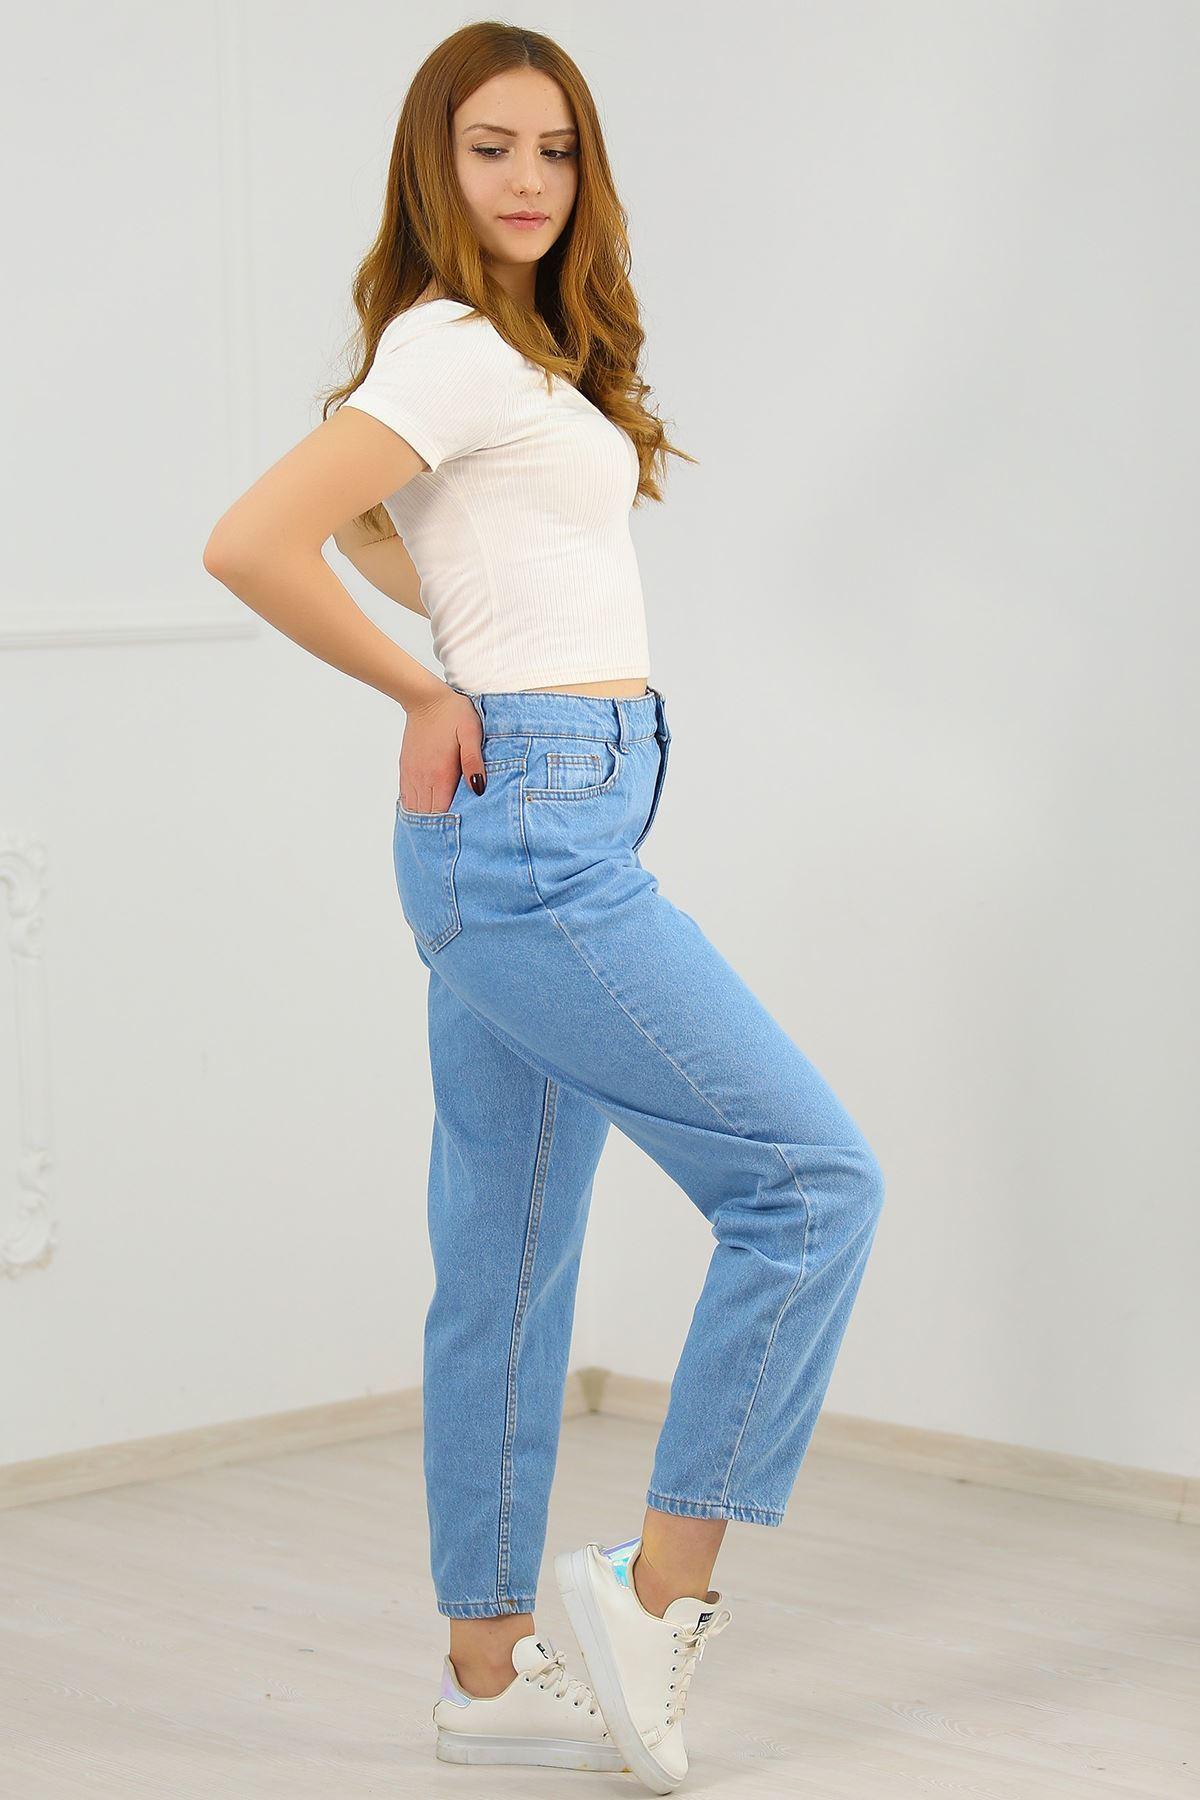 Büyük Beden Contalı Mom Jeans Açıkmavi - 7001.392.